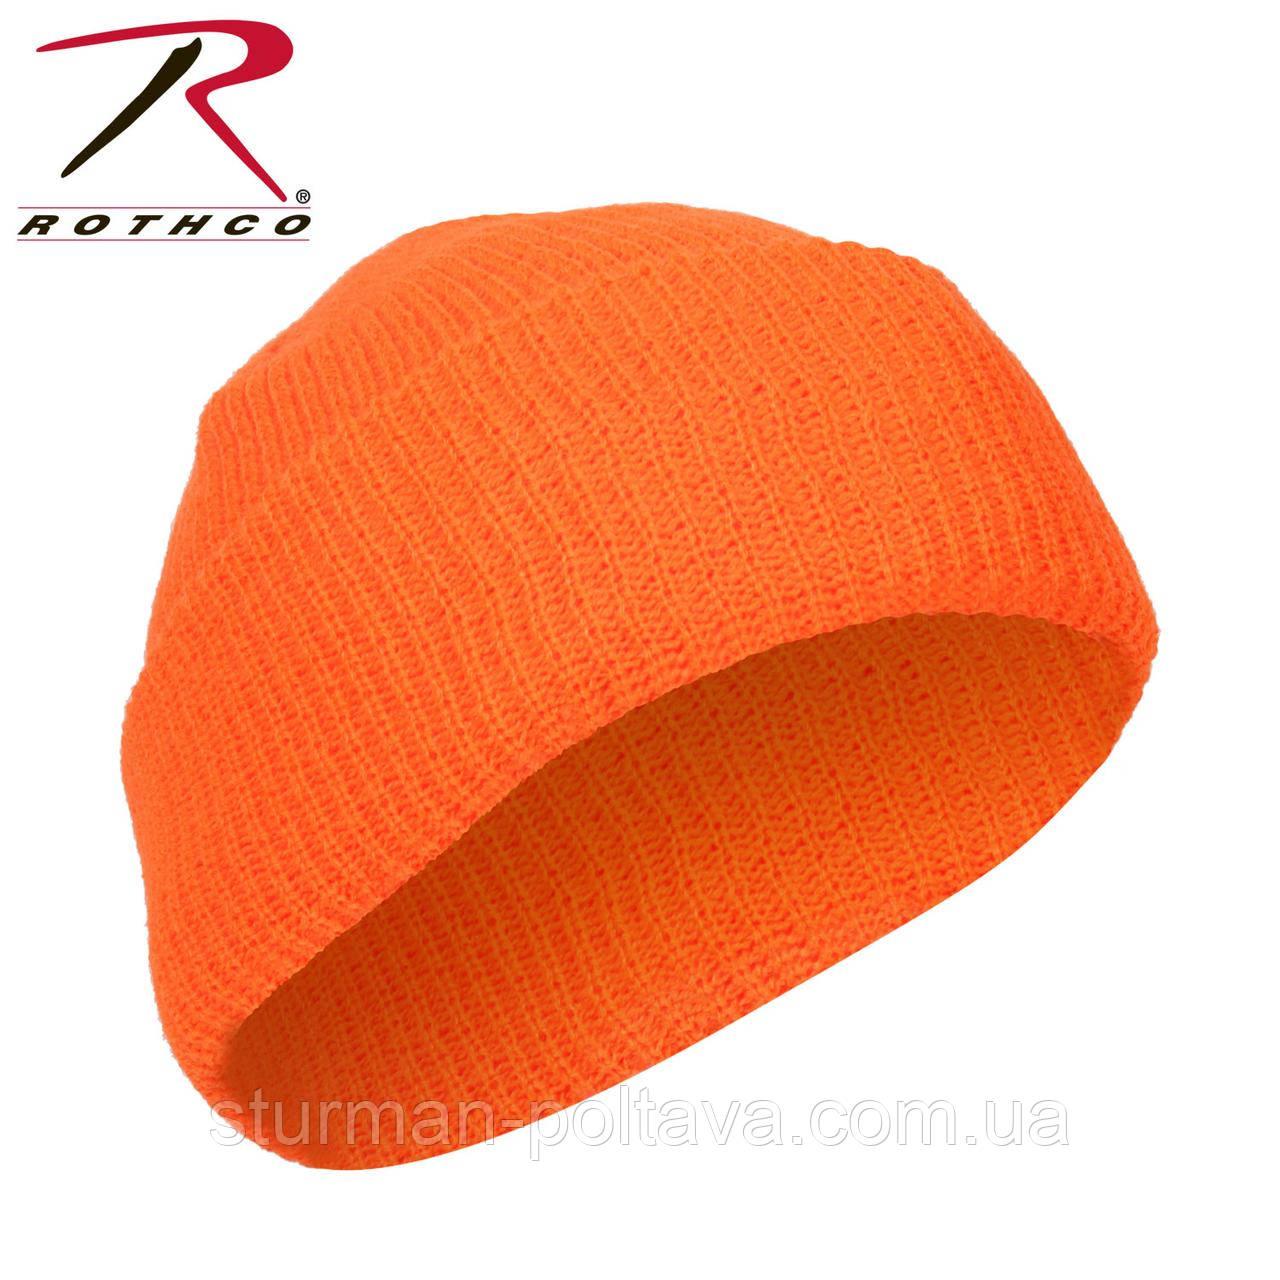 Шапка  мужская акриловая оранжевая для охоты  Deluxe Fine Knit  Rotcho  USA